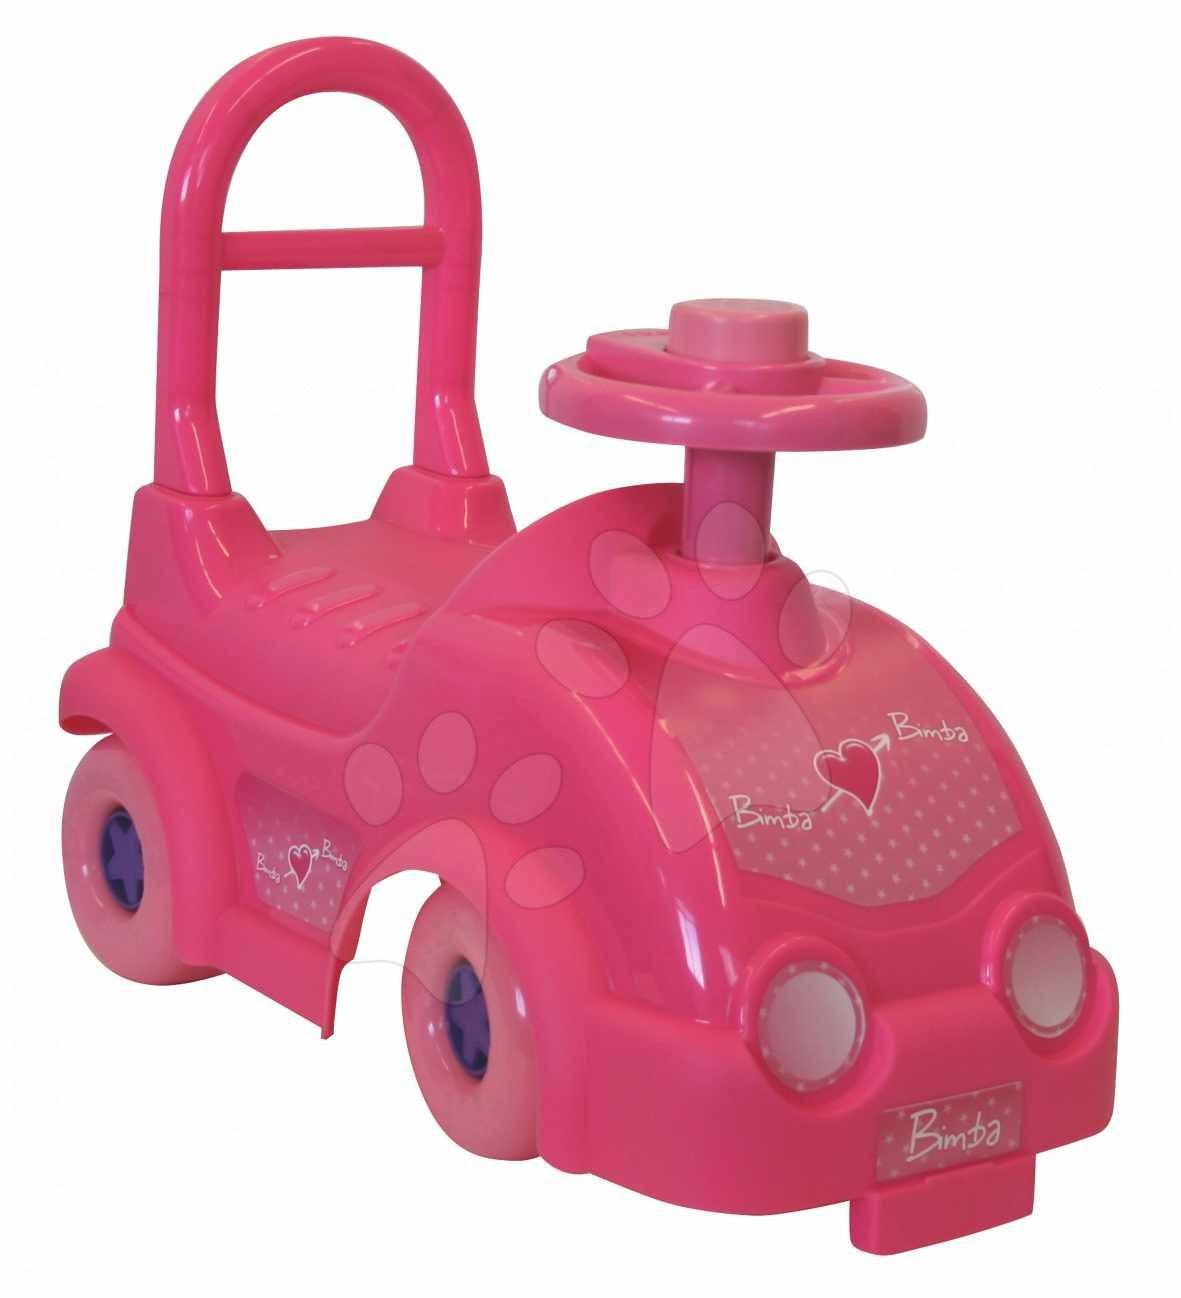 Motorky - Odrážedlo smarTrike Bimba New Pink růžové